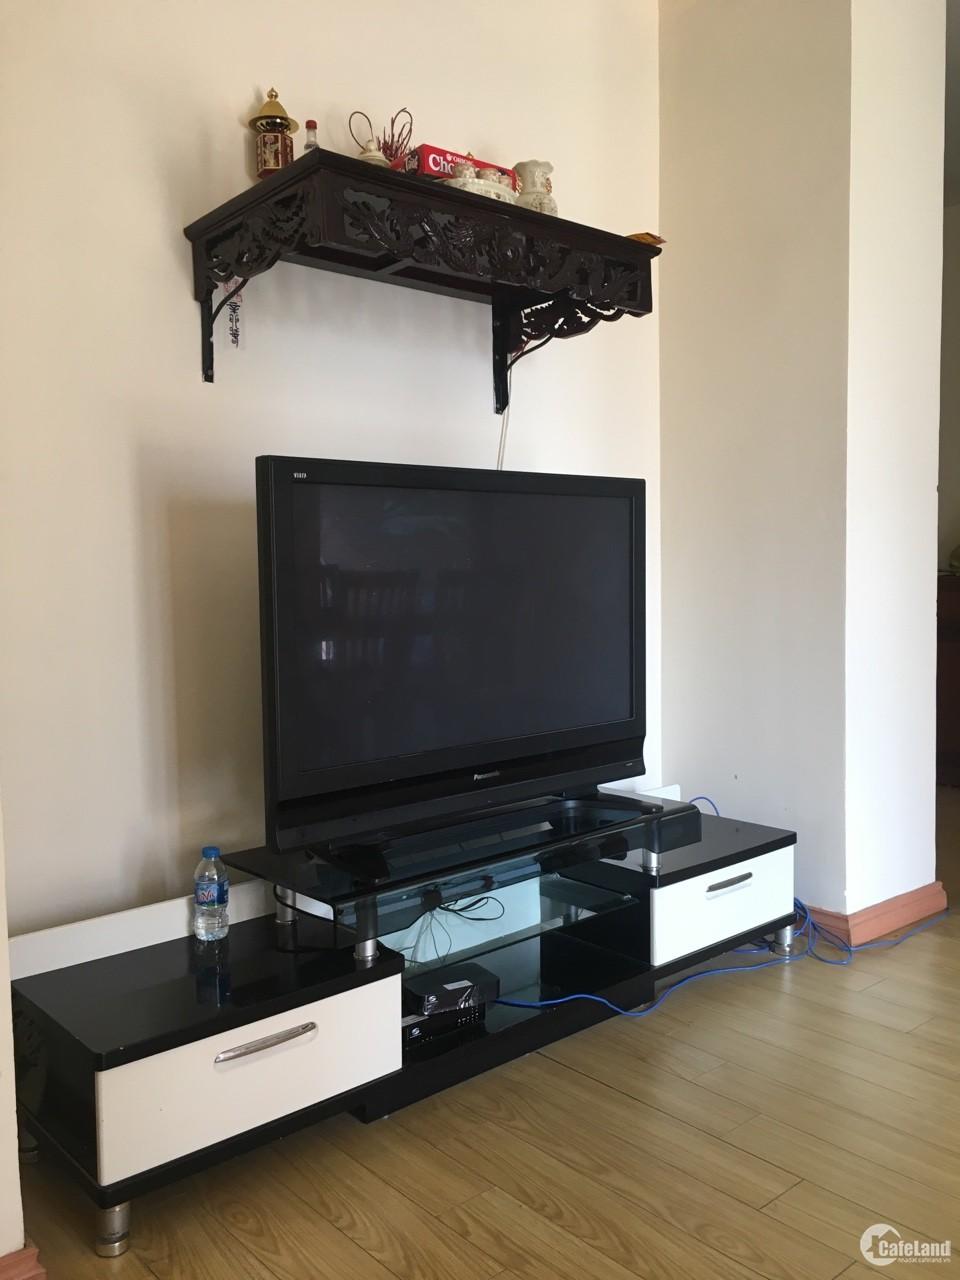 Cho thuê căn hộ Cienco 1, 110m2, 3PN, ngã tư Hoàng Đạo Thúy, 13 triệu.